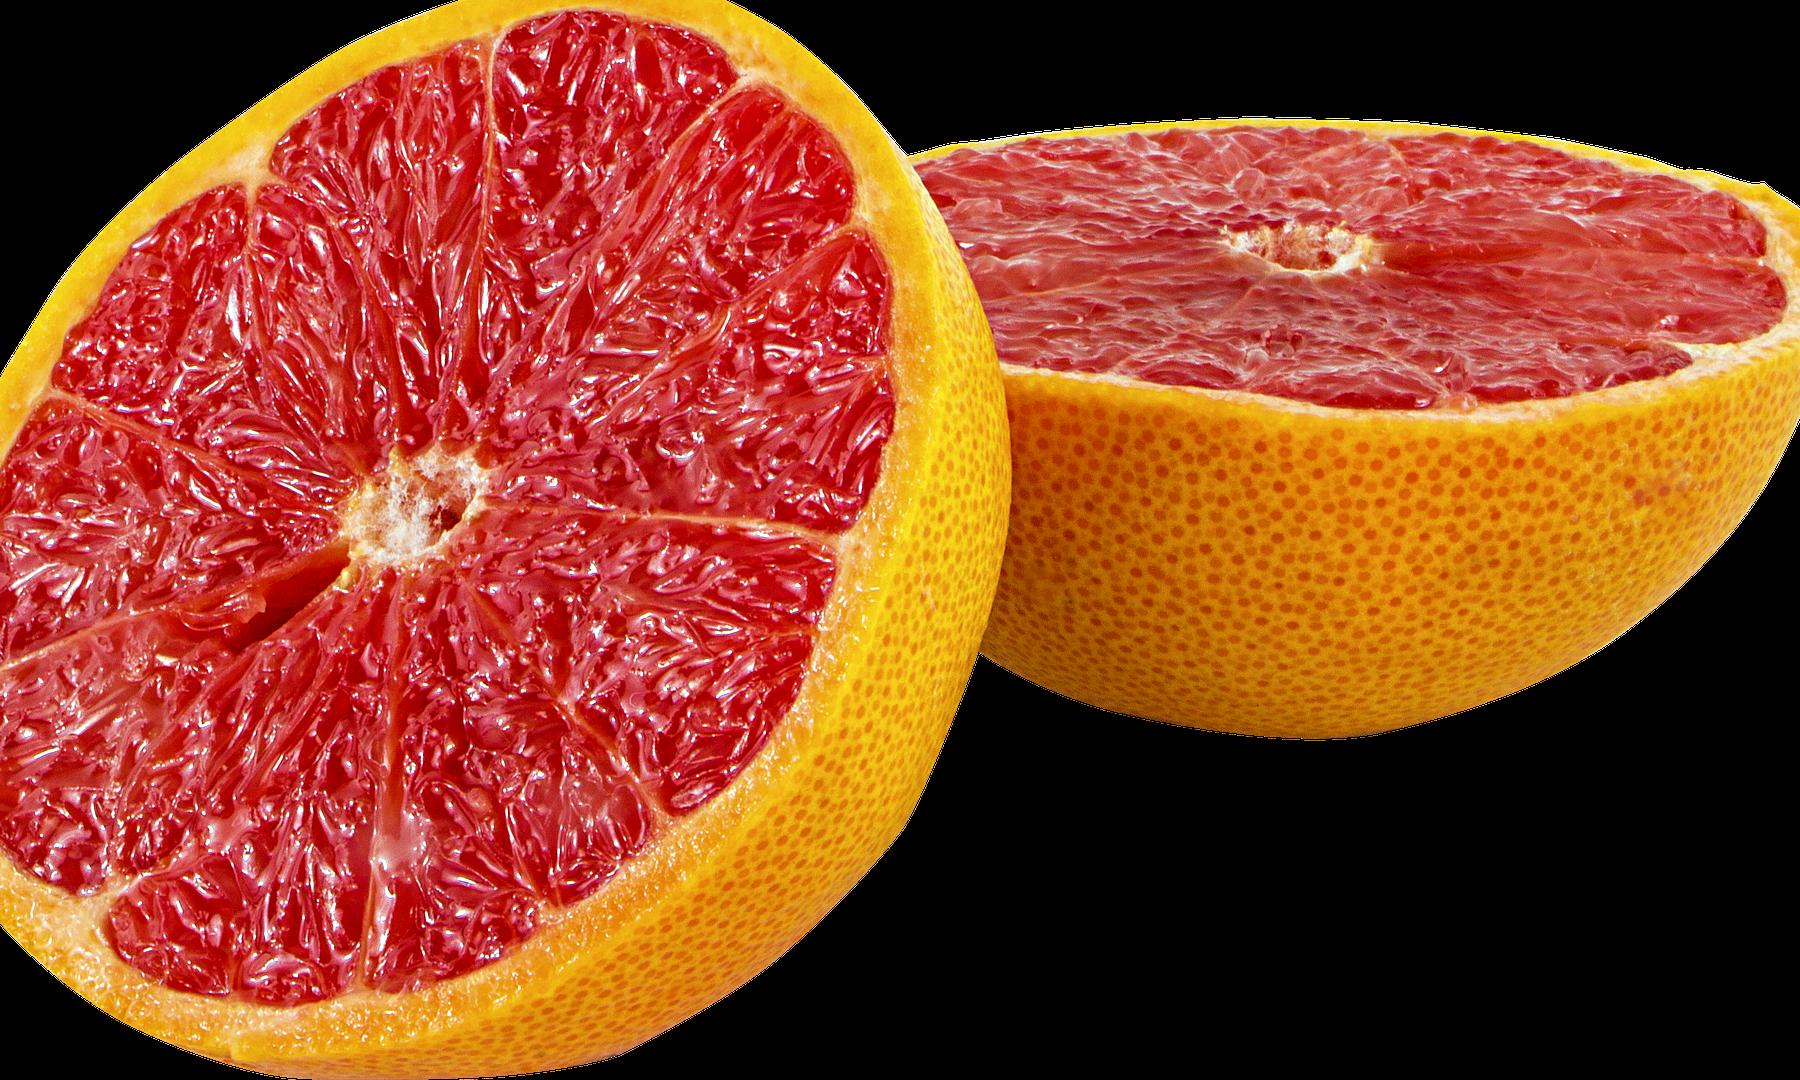 SA Star Ruby grapefruit back on South Korean shelves